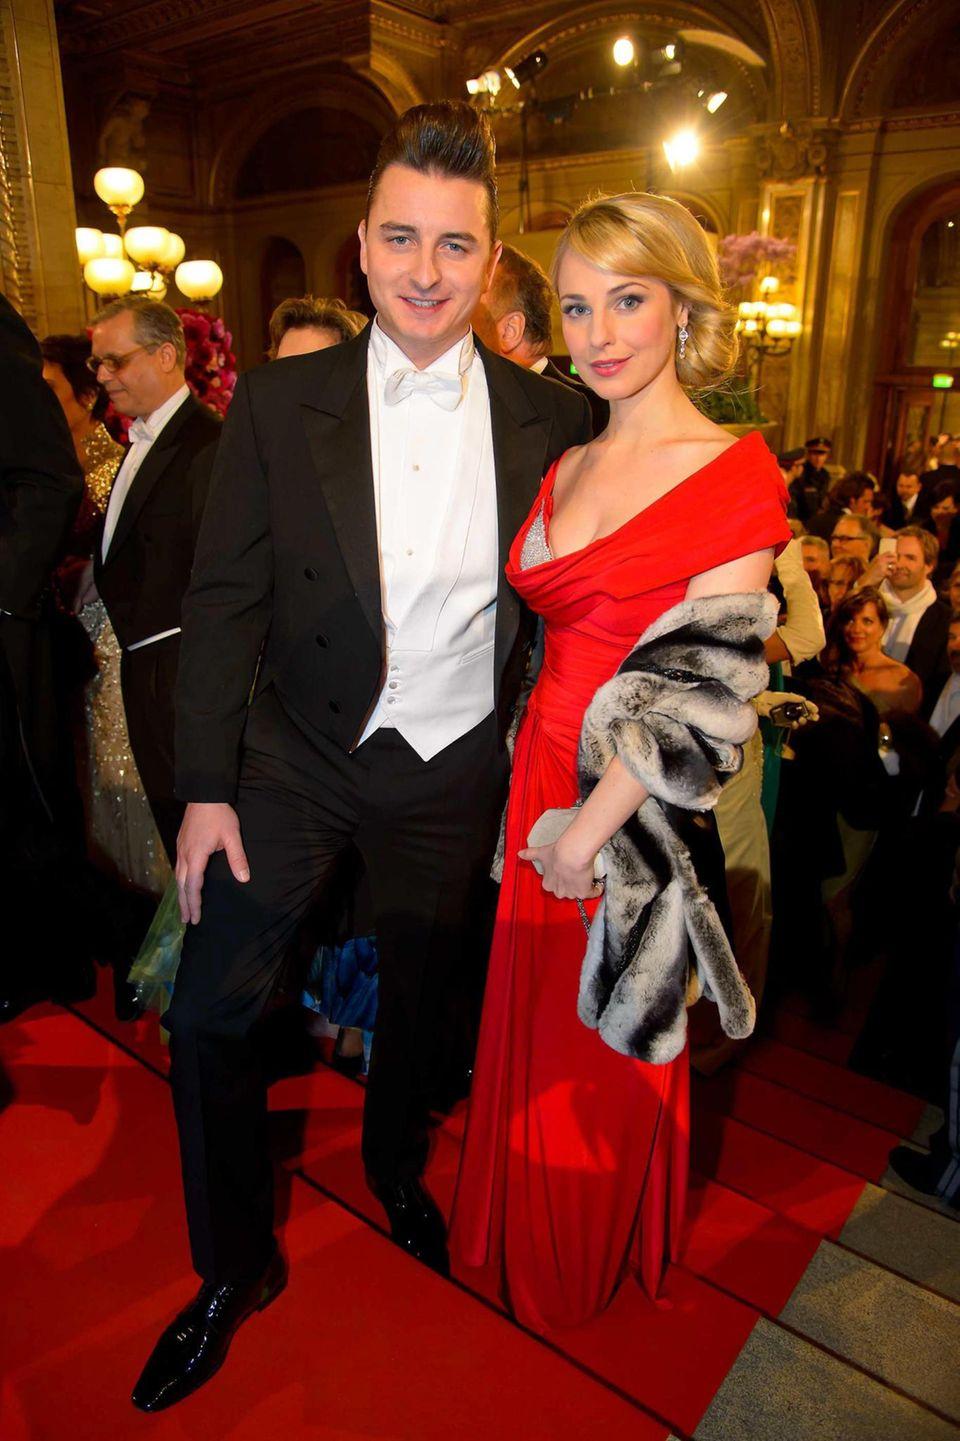 Auch privat scheint er sein Glück gefunden zu haben. Seit 2013 ist er mit der Moderatorin Silvia Schneider zusammen.